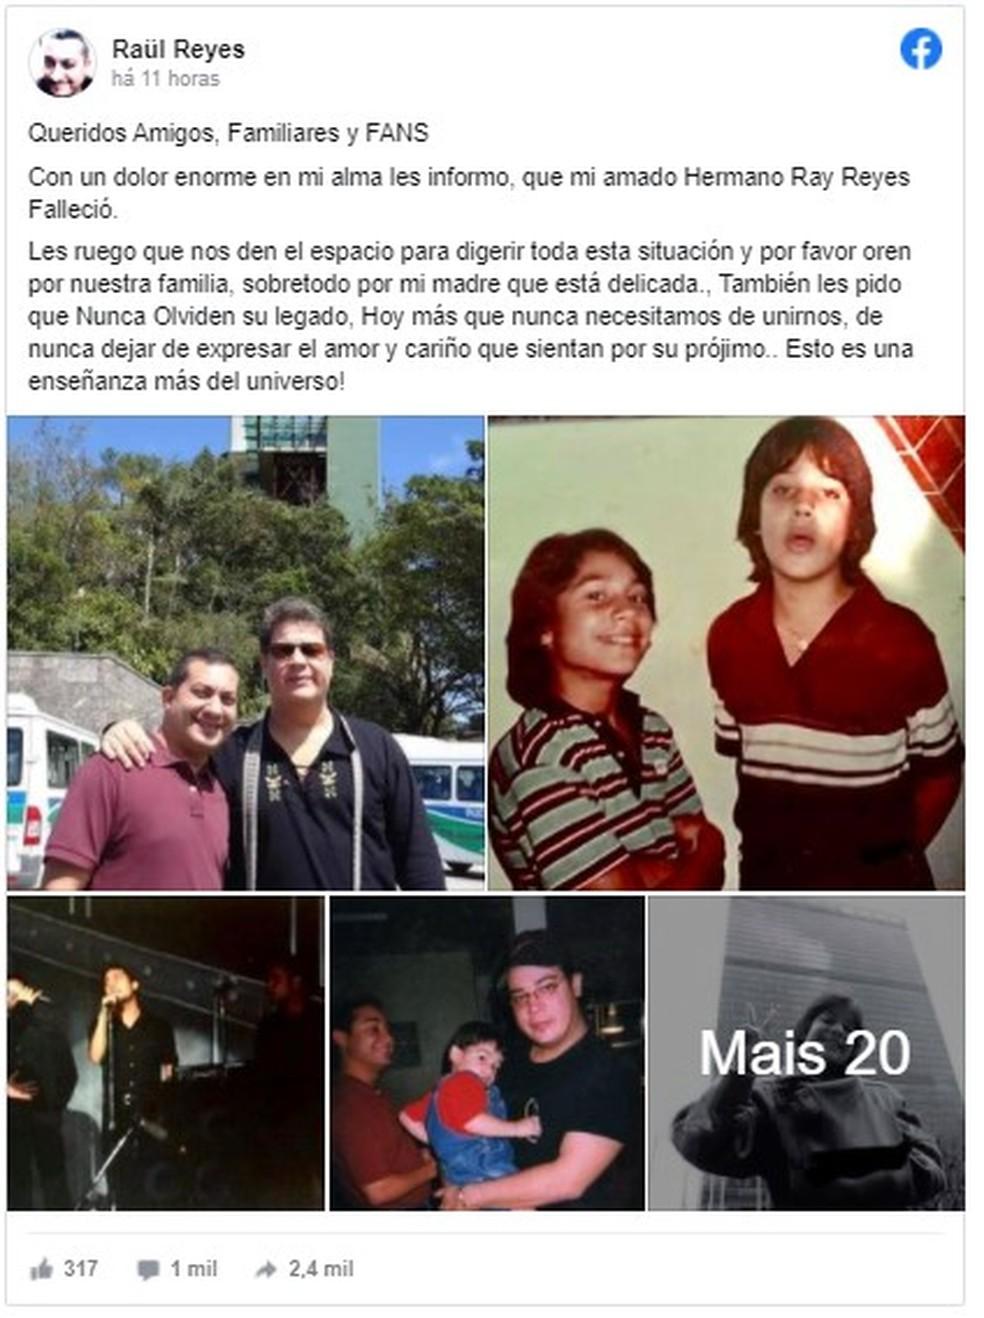 O anúncio foi feito por Raül Reyes, irmão de Ray Reys, através de uma publicação nas redes sociais, na noite desta sexta-feira (30) — Foto: Reprodução/Facebook